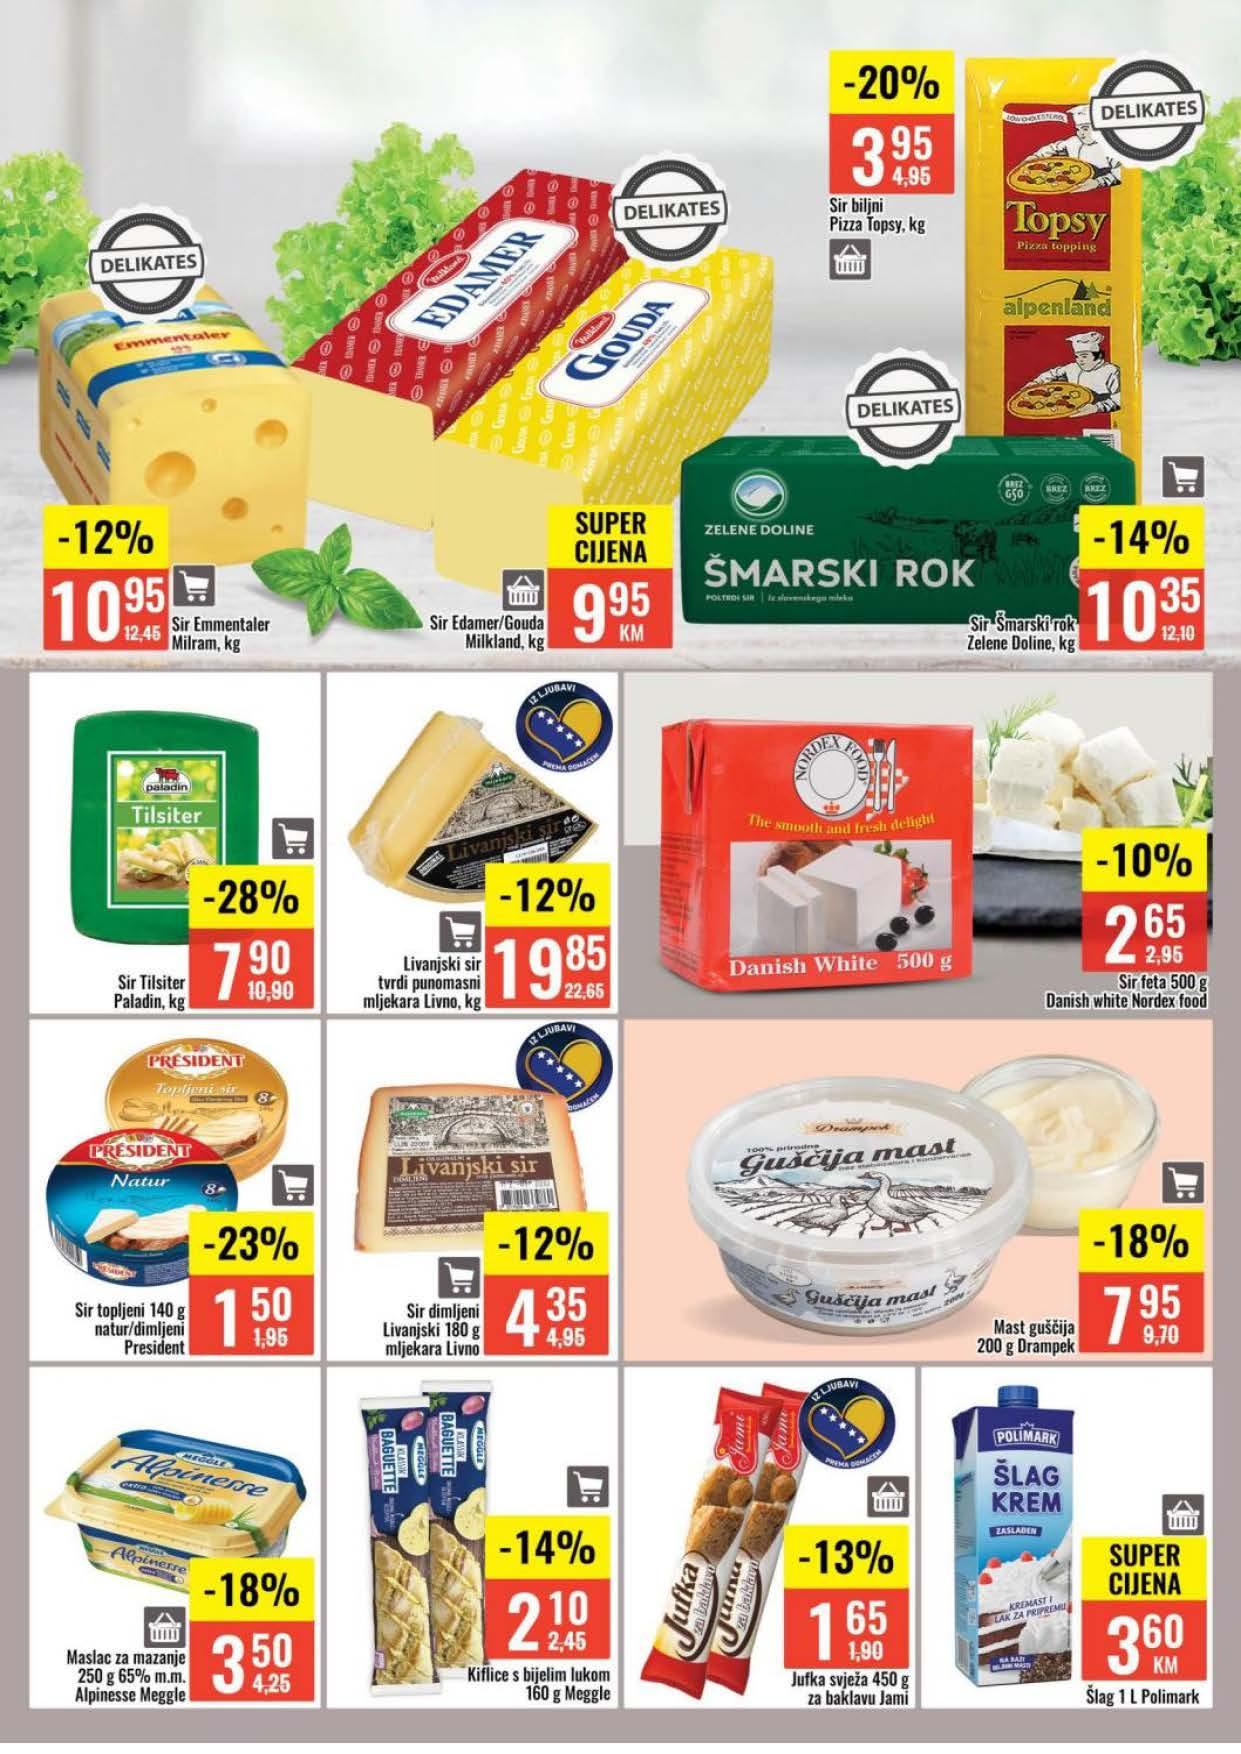 BINGO Katalog Kataloska akcija JUN 2021 01.06.2021. 13.06.2021 ekatalozi.com PR Page 05